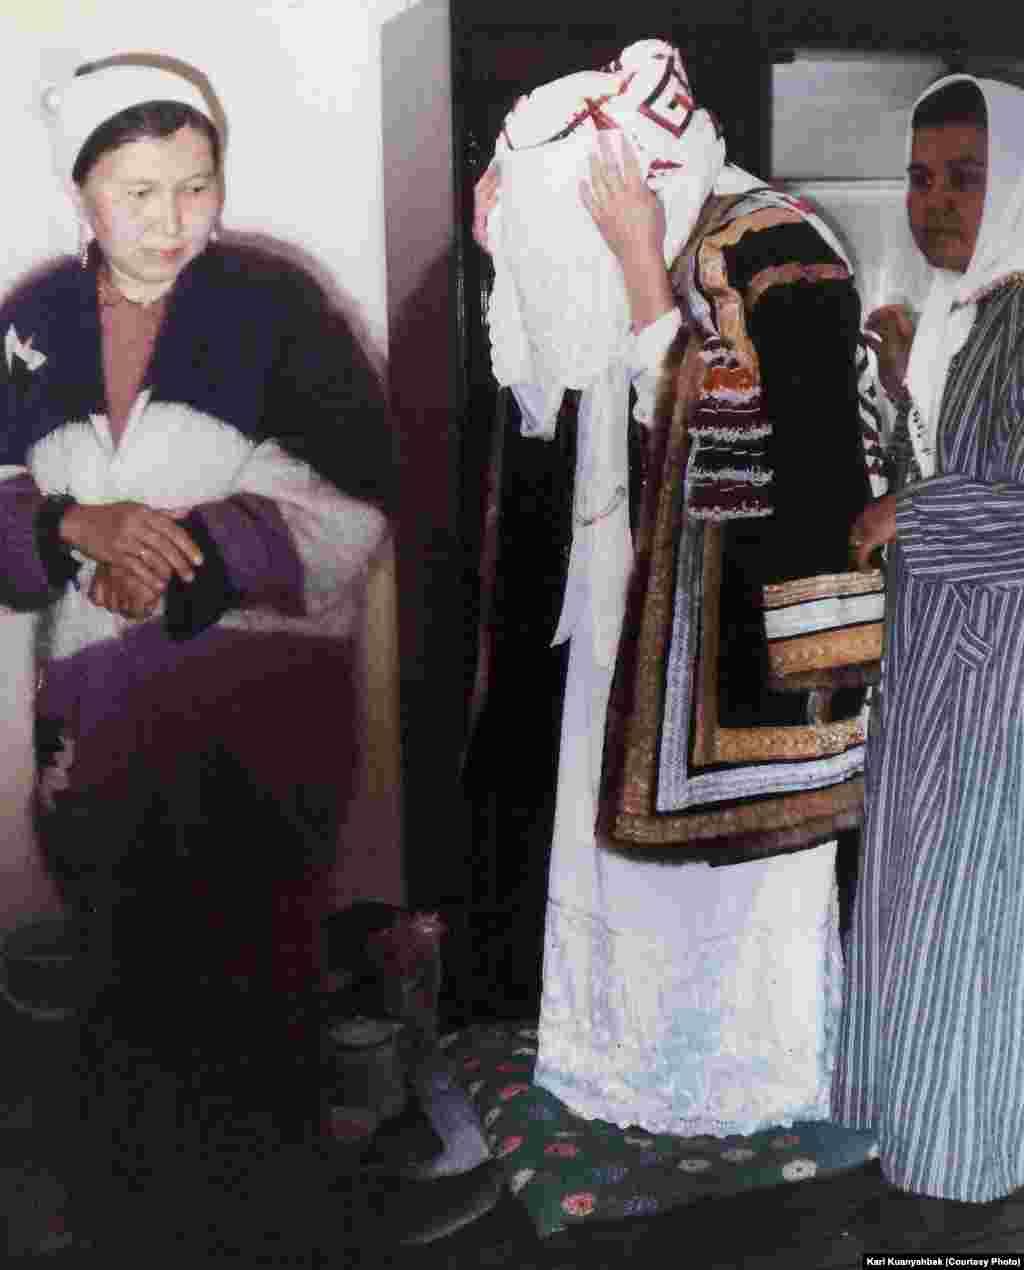 """Жаңа түскен келін """"келін шай"""" кезінде. Иран, Бәндар Түркімен қаласы, 1998."""